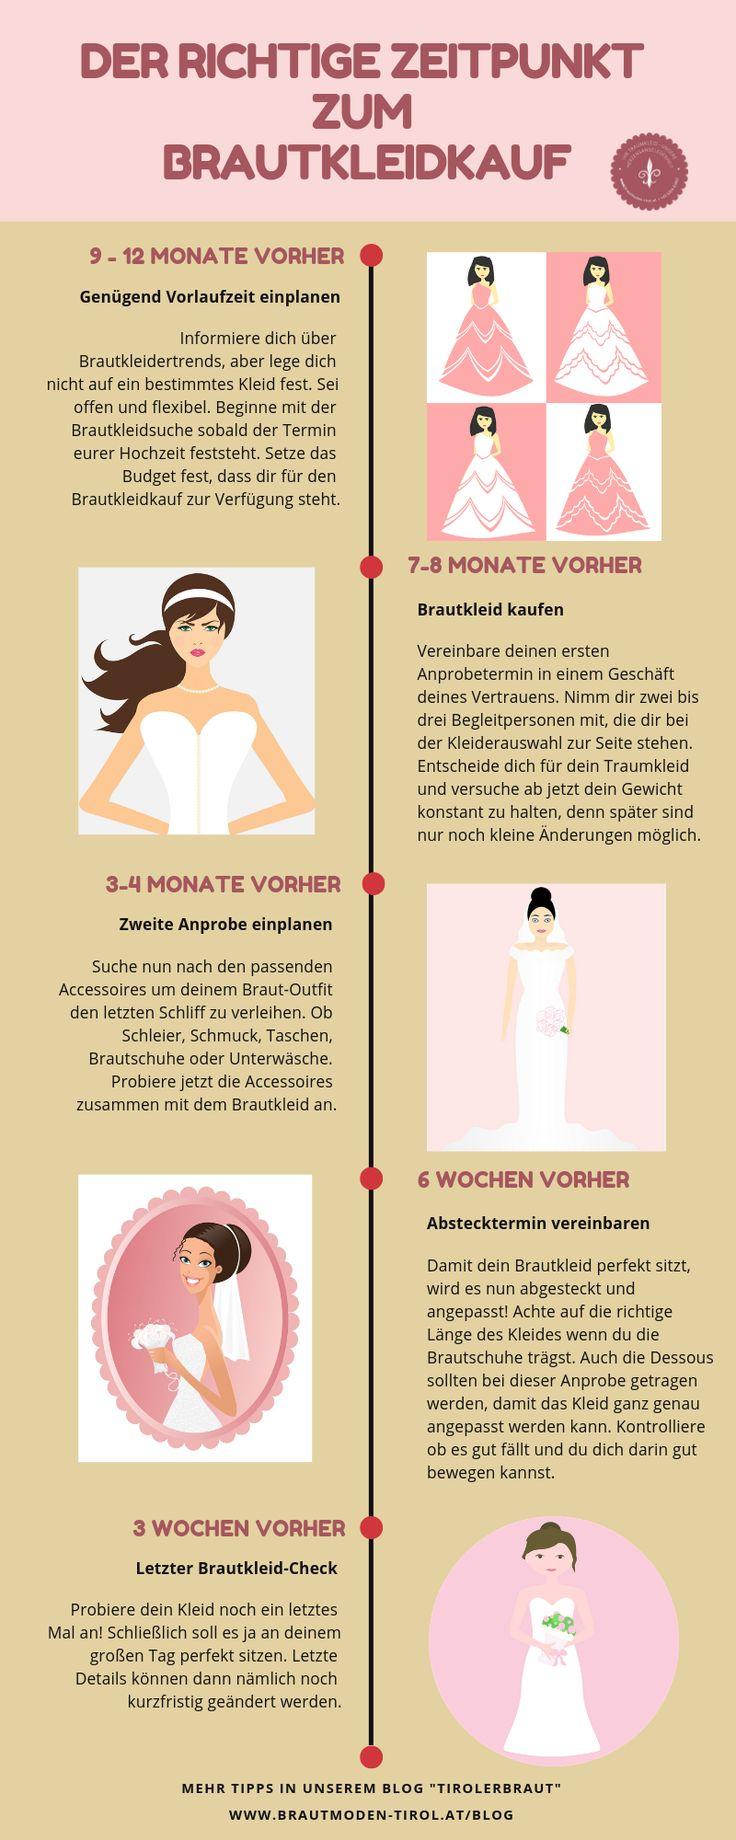 Wann ist der richtige Zeitpunkt zum Brautkleidkauf?? Ihr seid euch unsicher?? Wi…